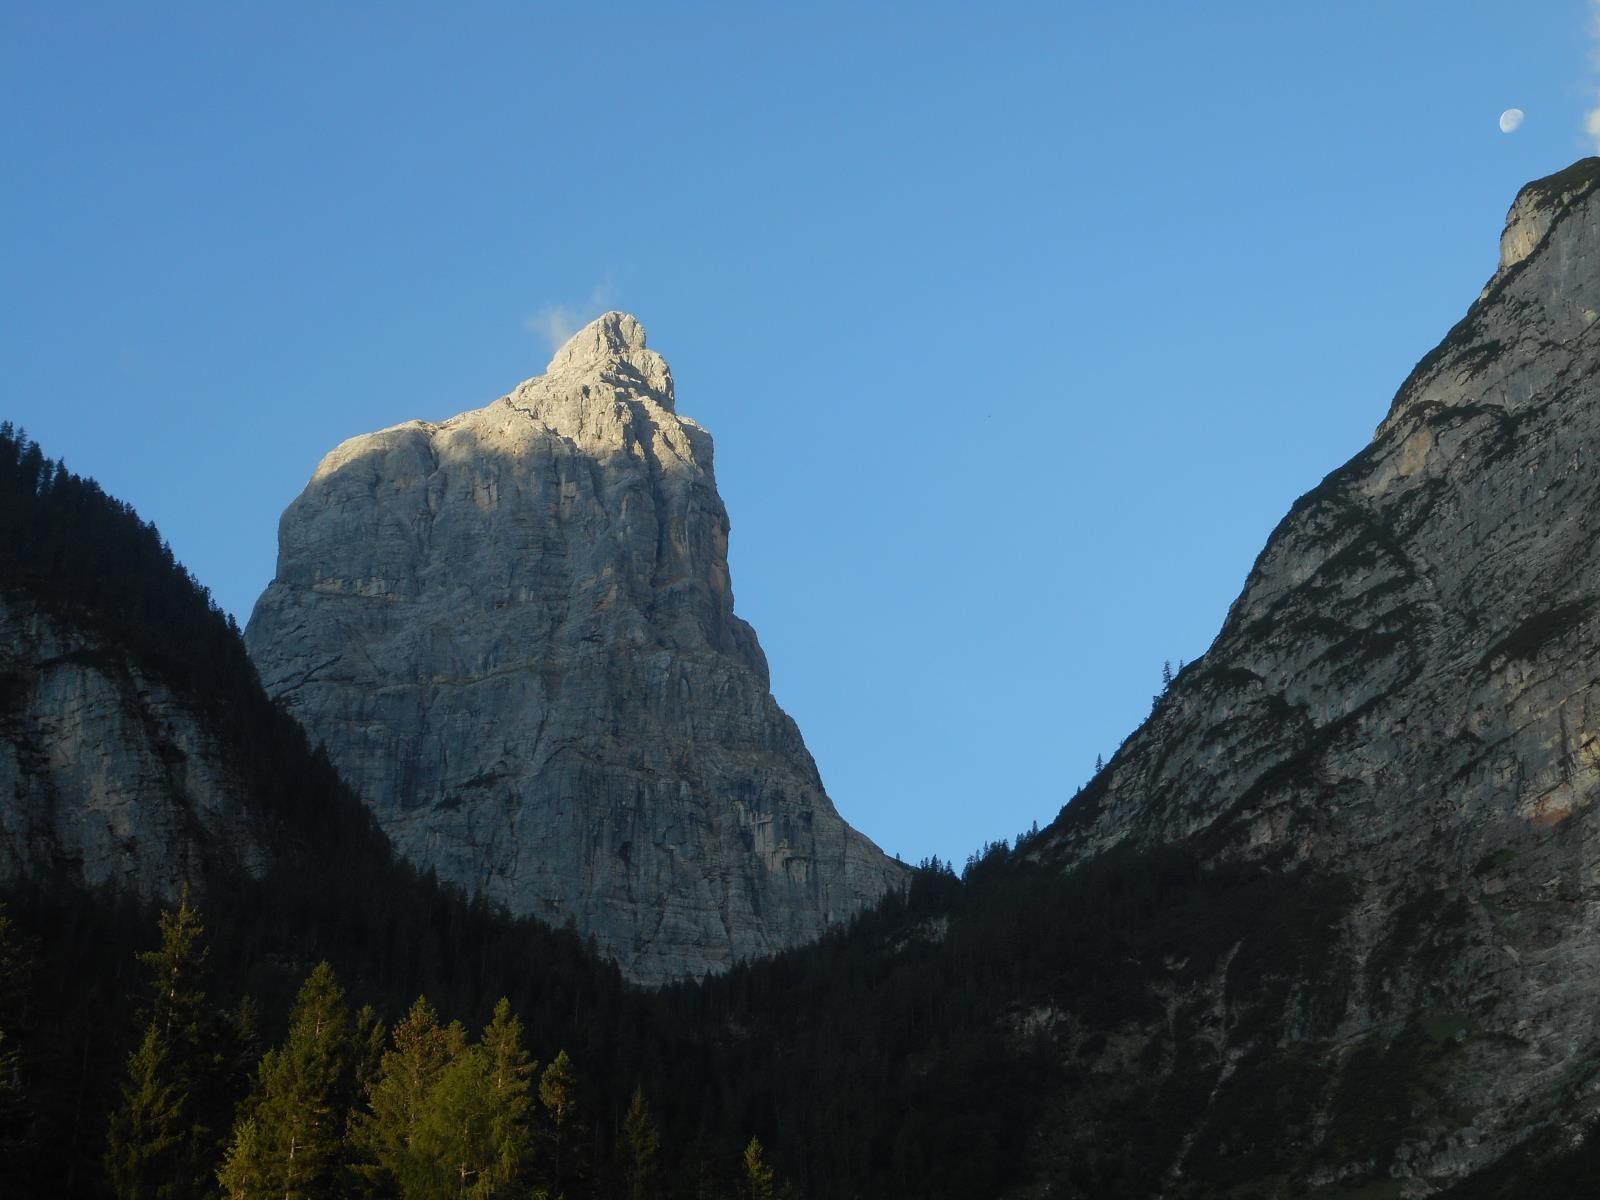 La Torre, au pied de la Forcla Grande